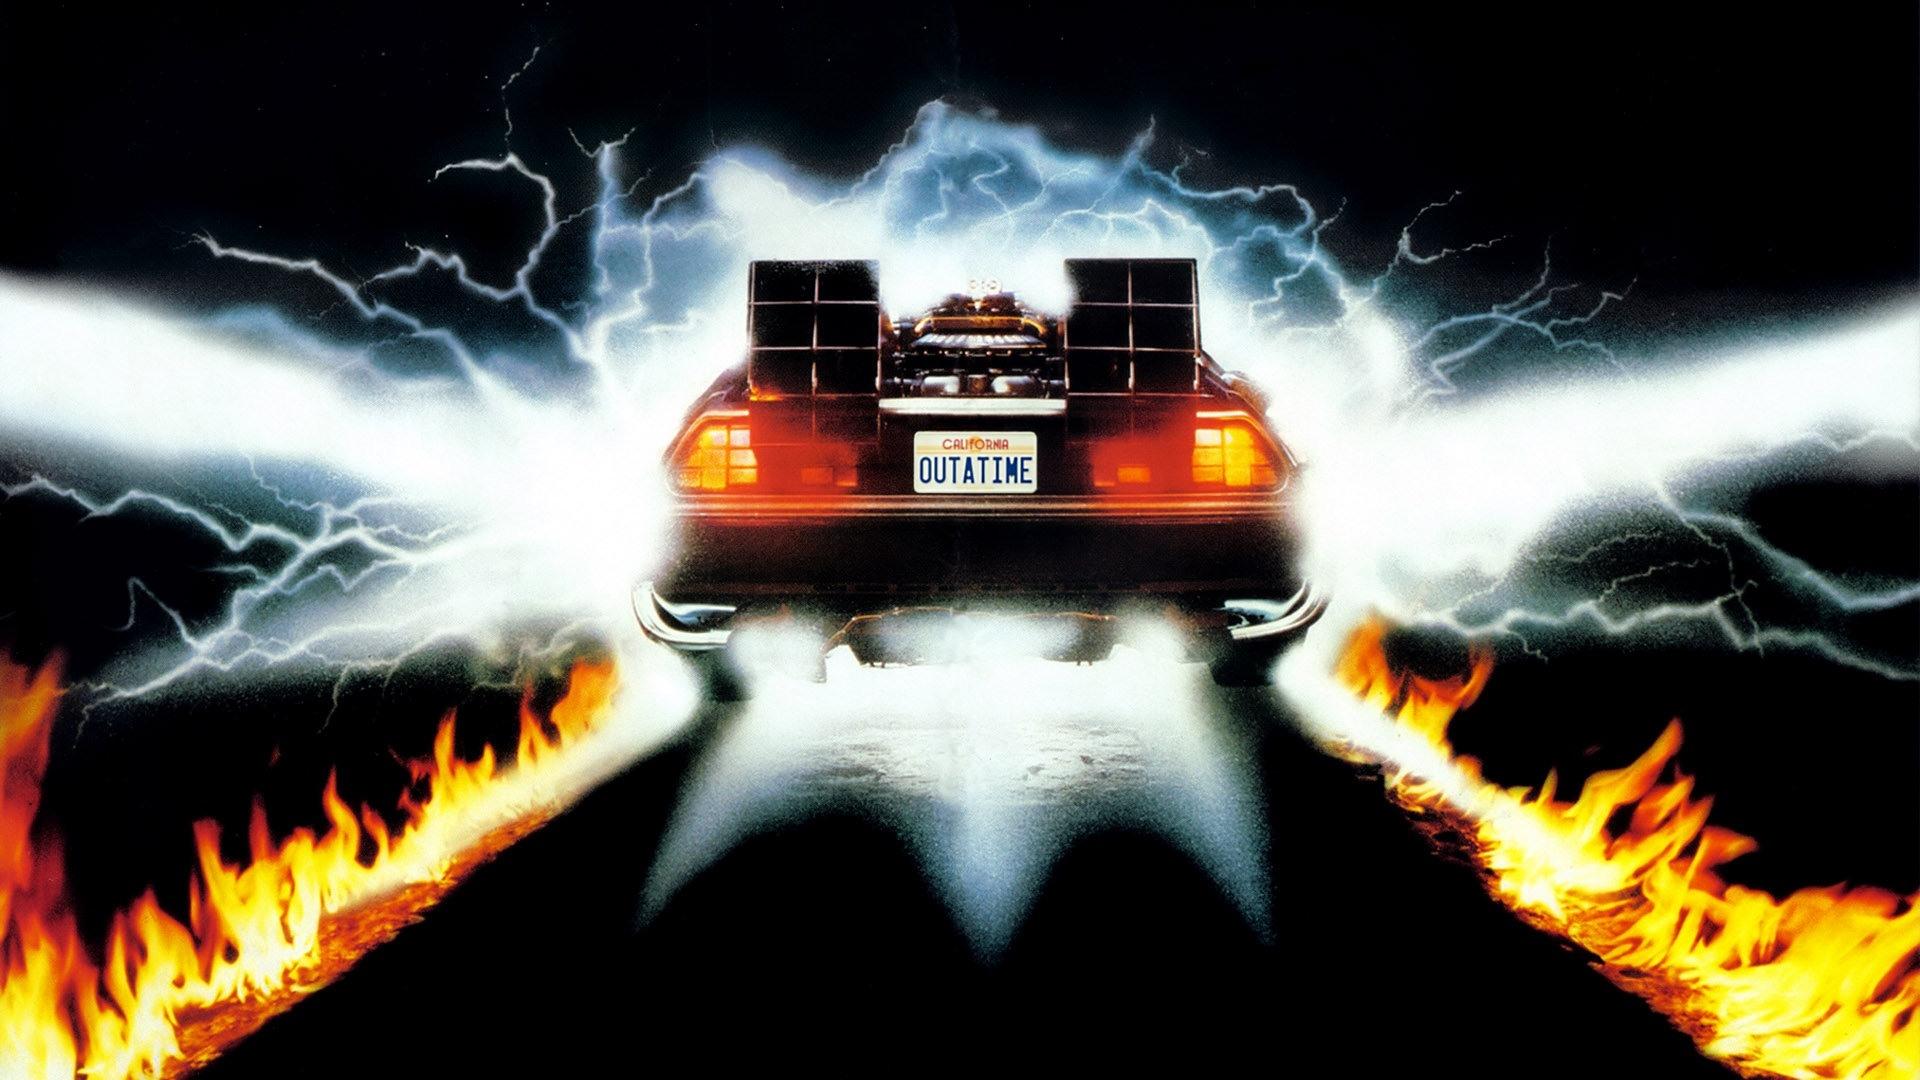 Back To The Future Delorean Flames Hd Wallpaper